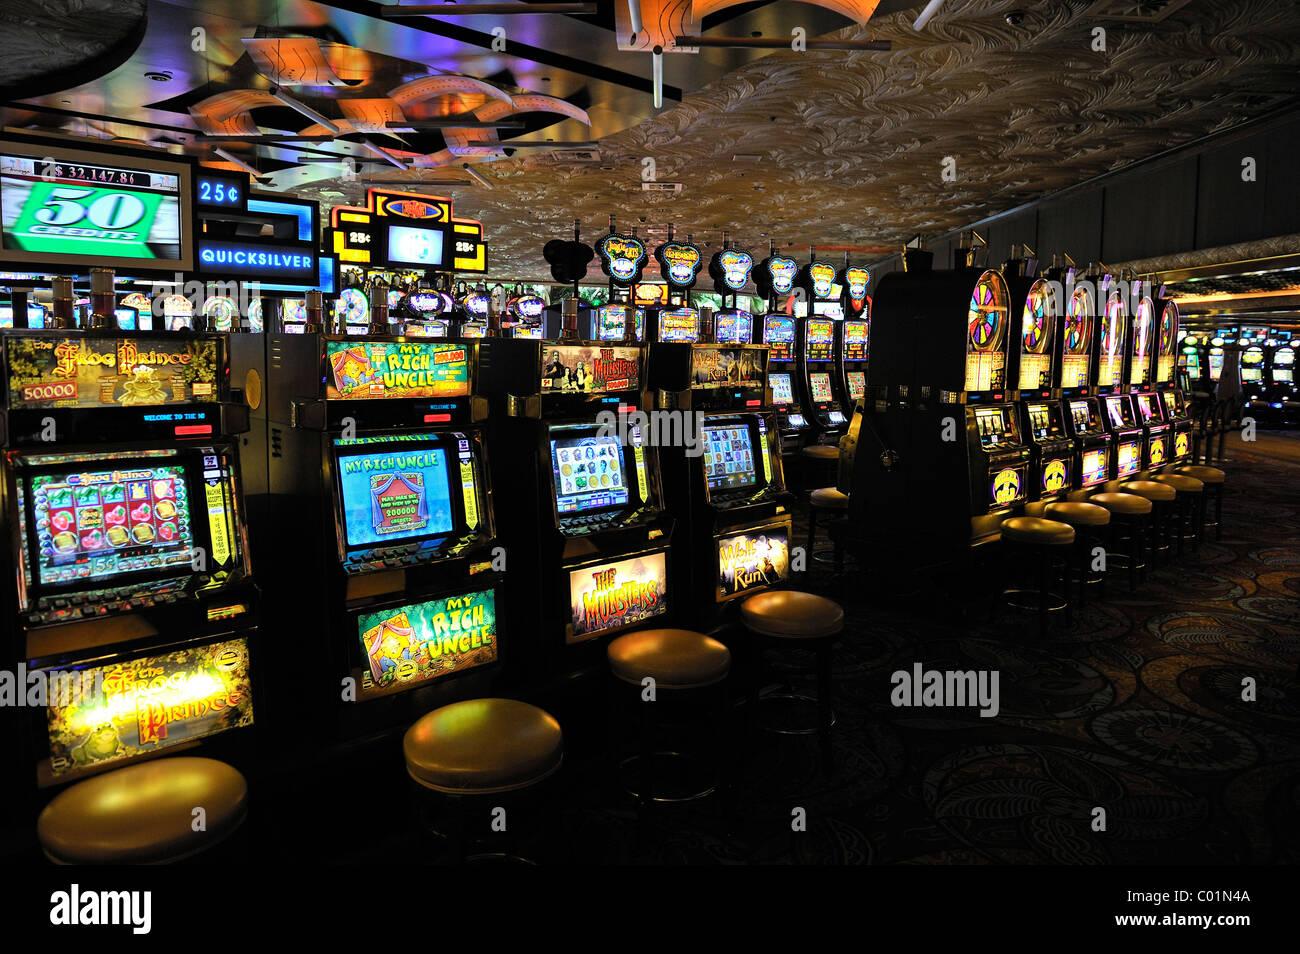 las vegas casino slot